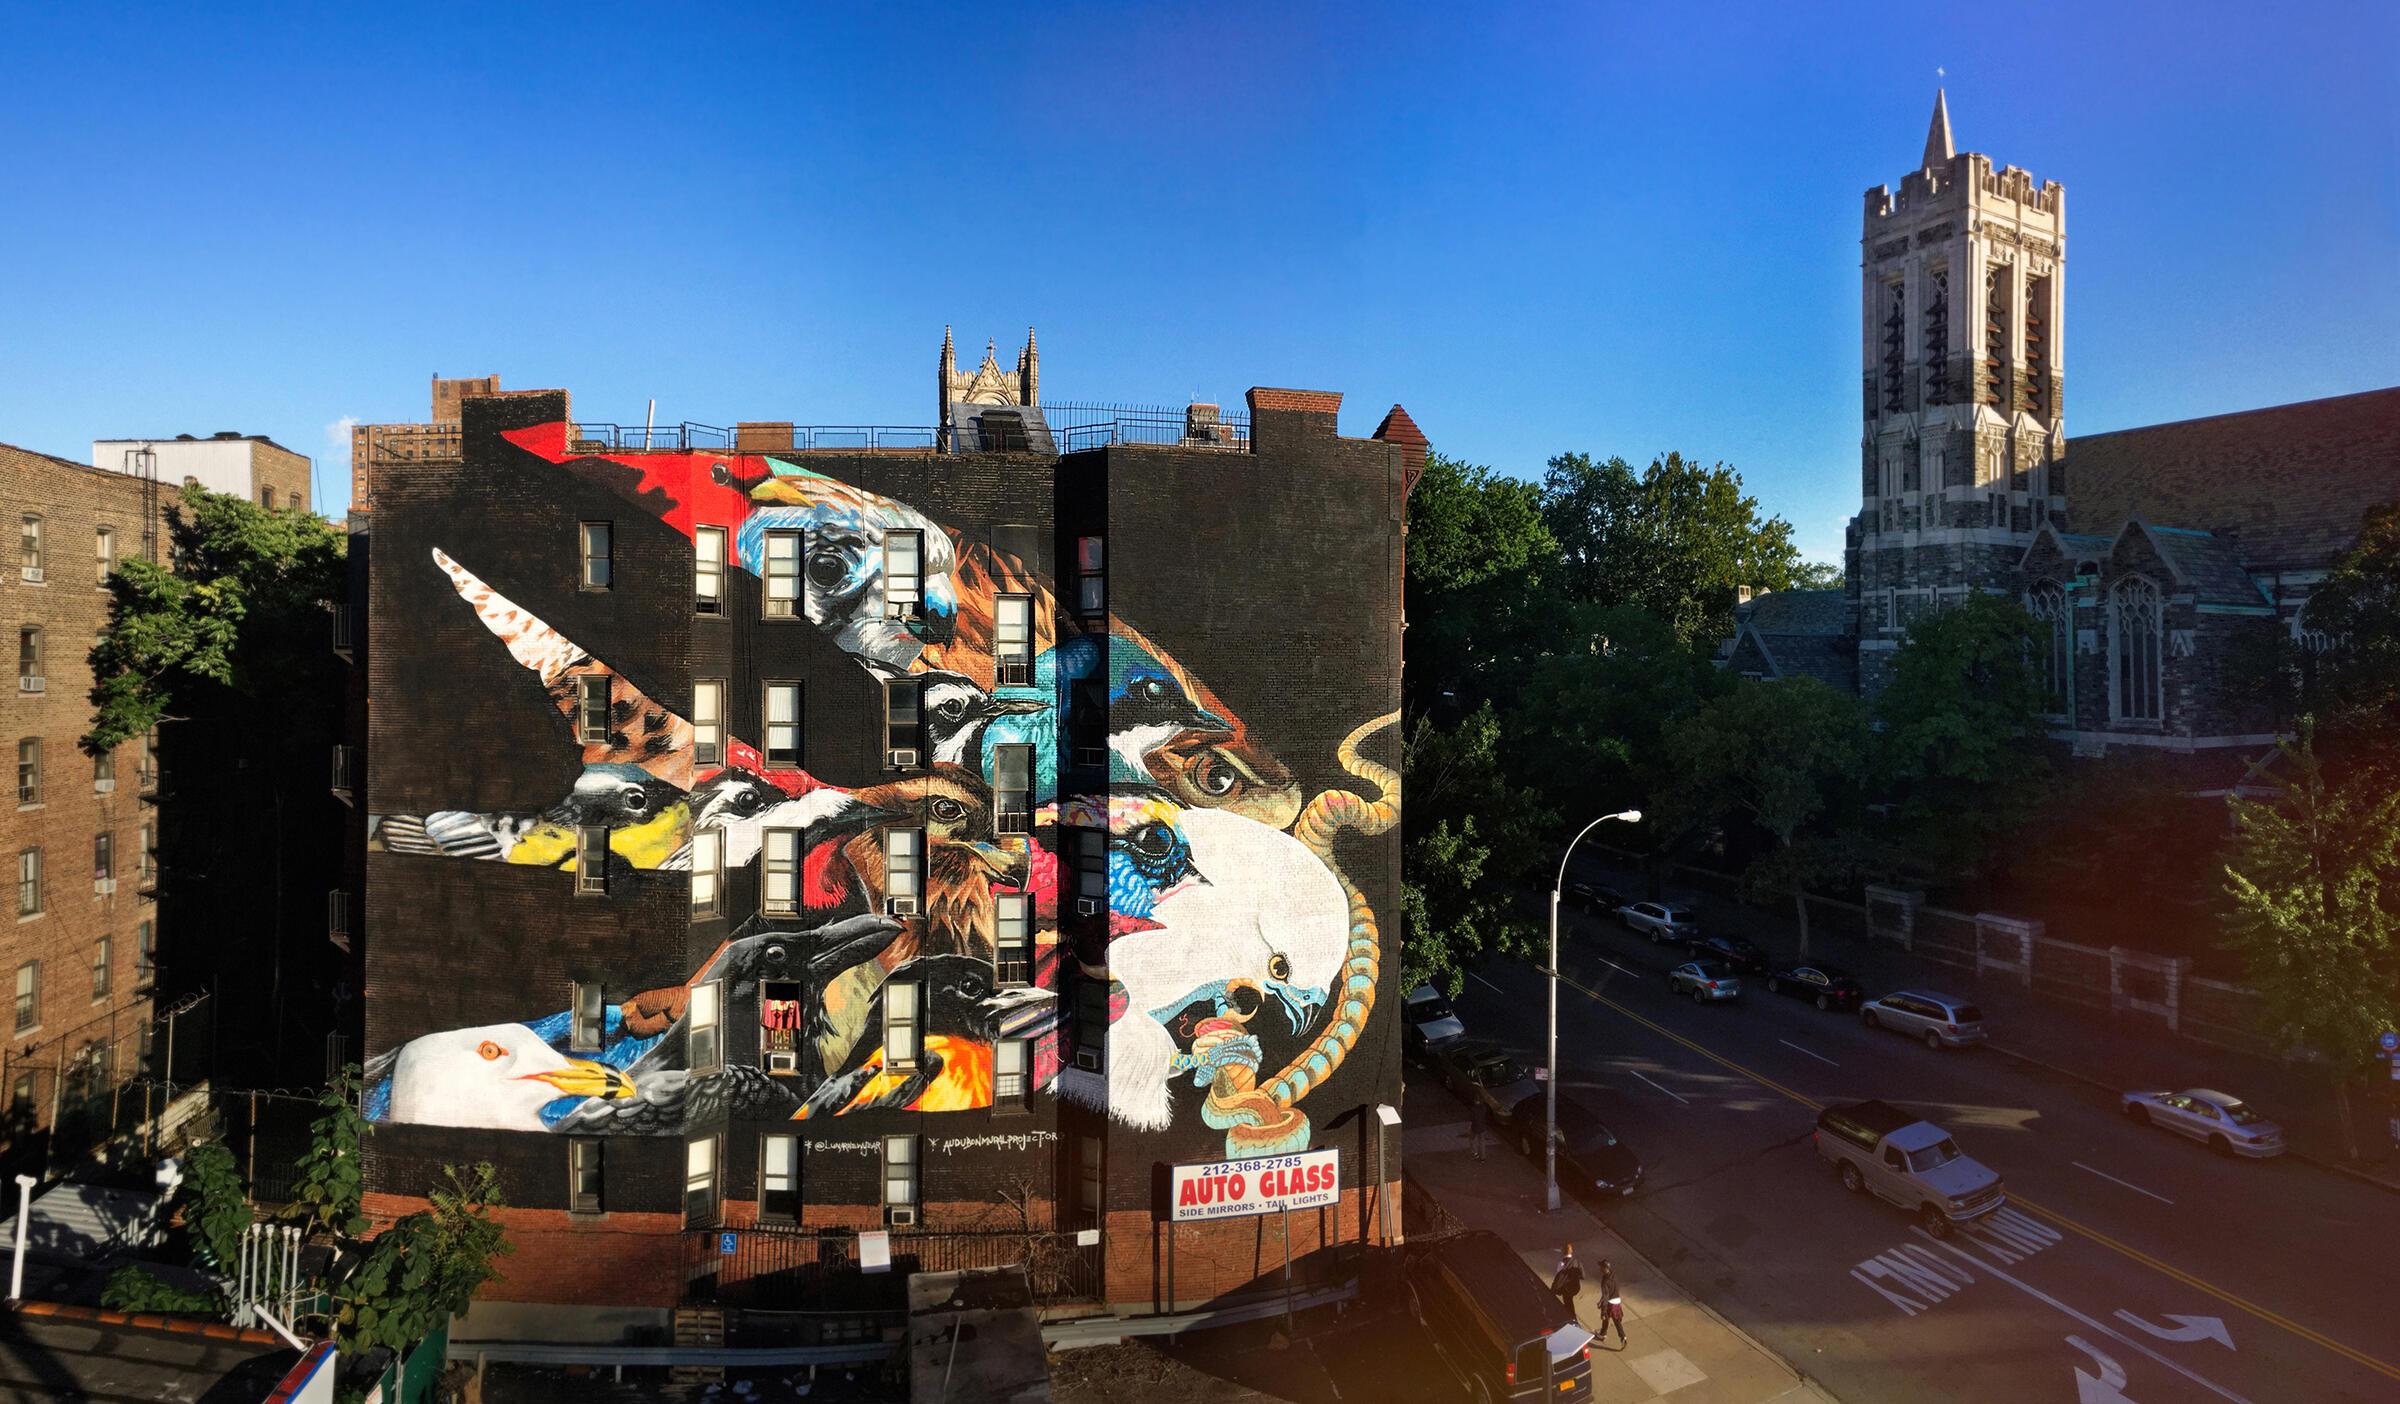 El mural de Elanio Tijereta contiene otras 12 especies amenazadas por el clima. La torre de iglesia que se aprecia a la derecha del mural, es el sitio de descanso final de John James Audubon. Mike Fernandez/Audubon